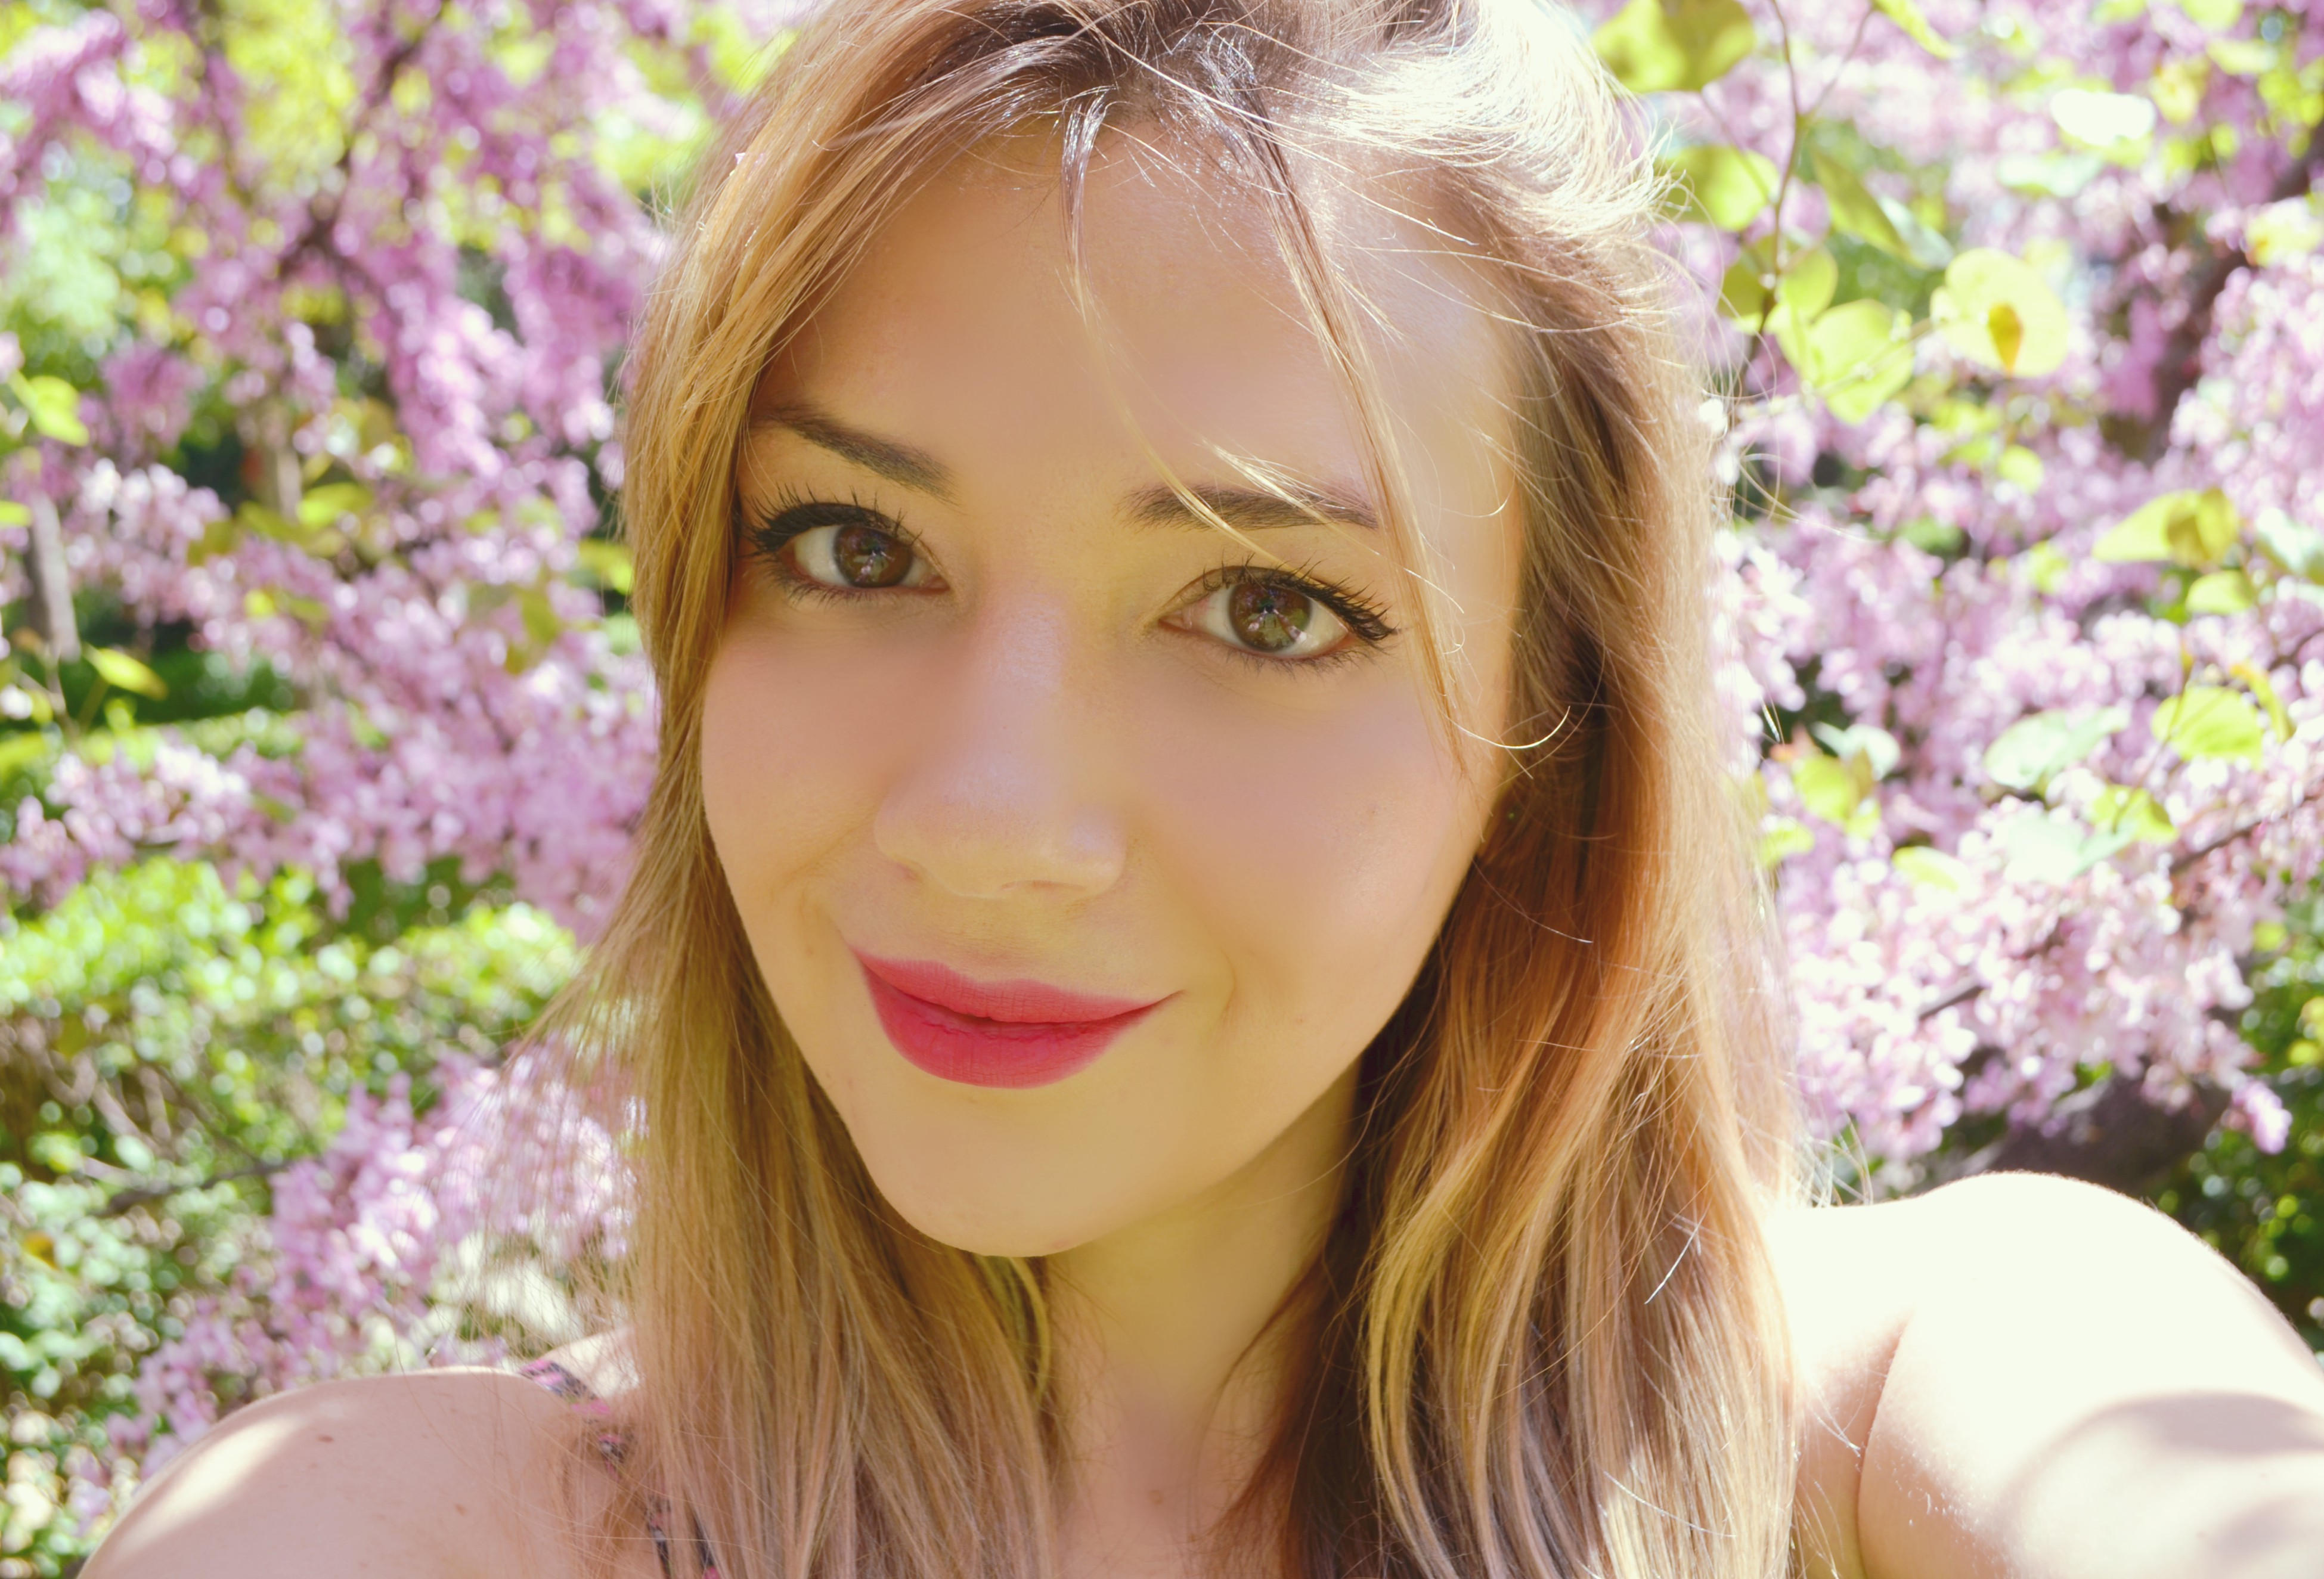 ChicAdicta-blog-de-moda-fashionista-Chic-Adicta-influencer-madrid-look-de-primavera-Thebodyshop-lipstick-PiensaenChic-Piensa-en-Chic